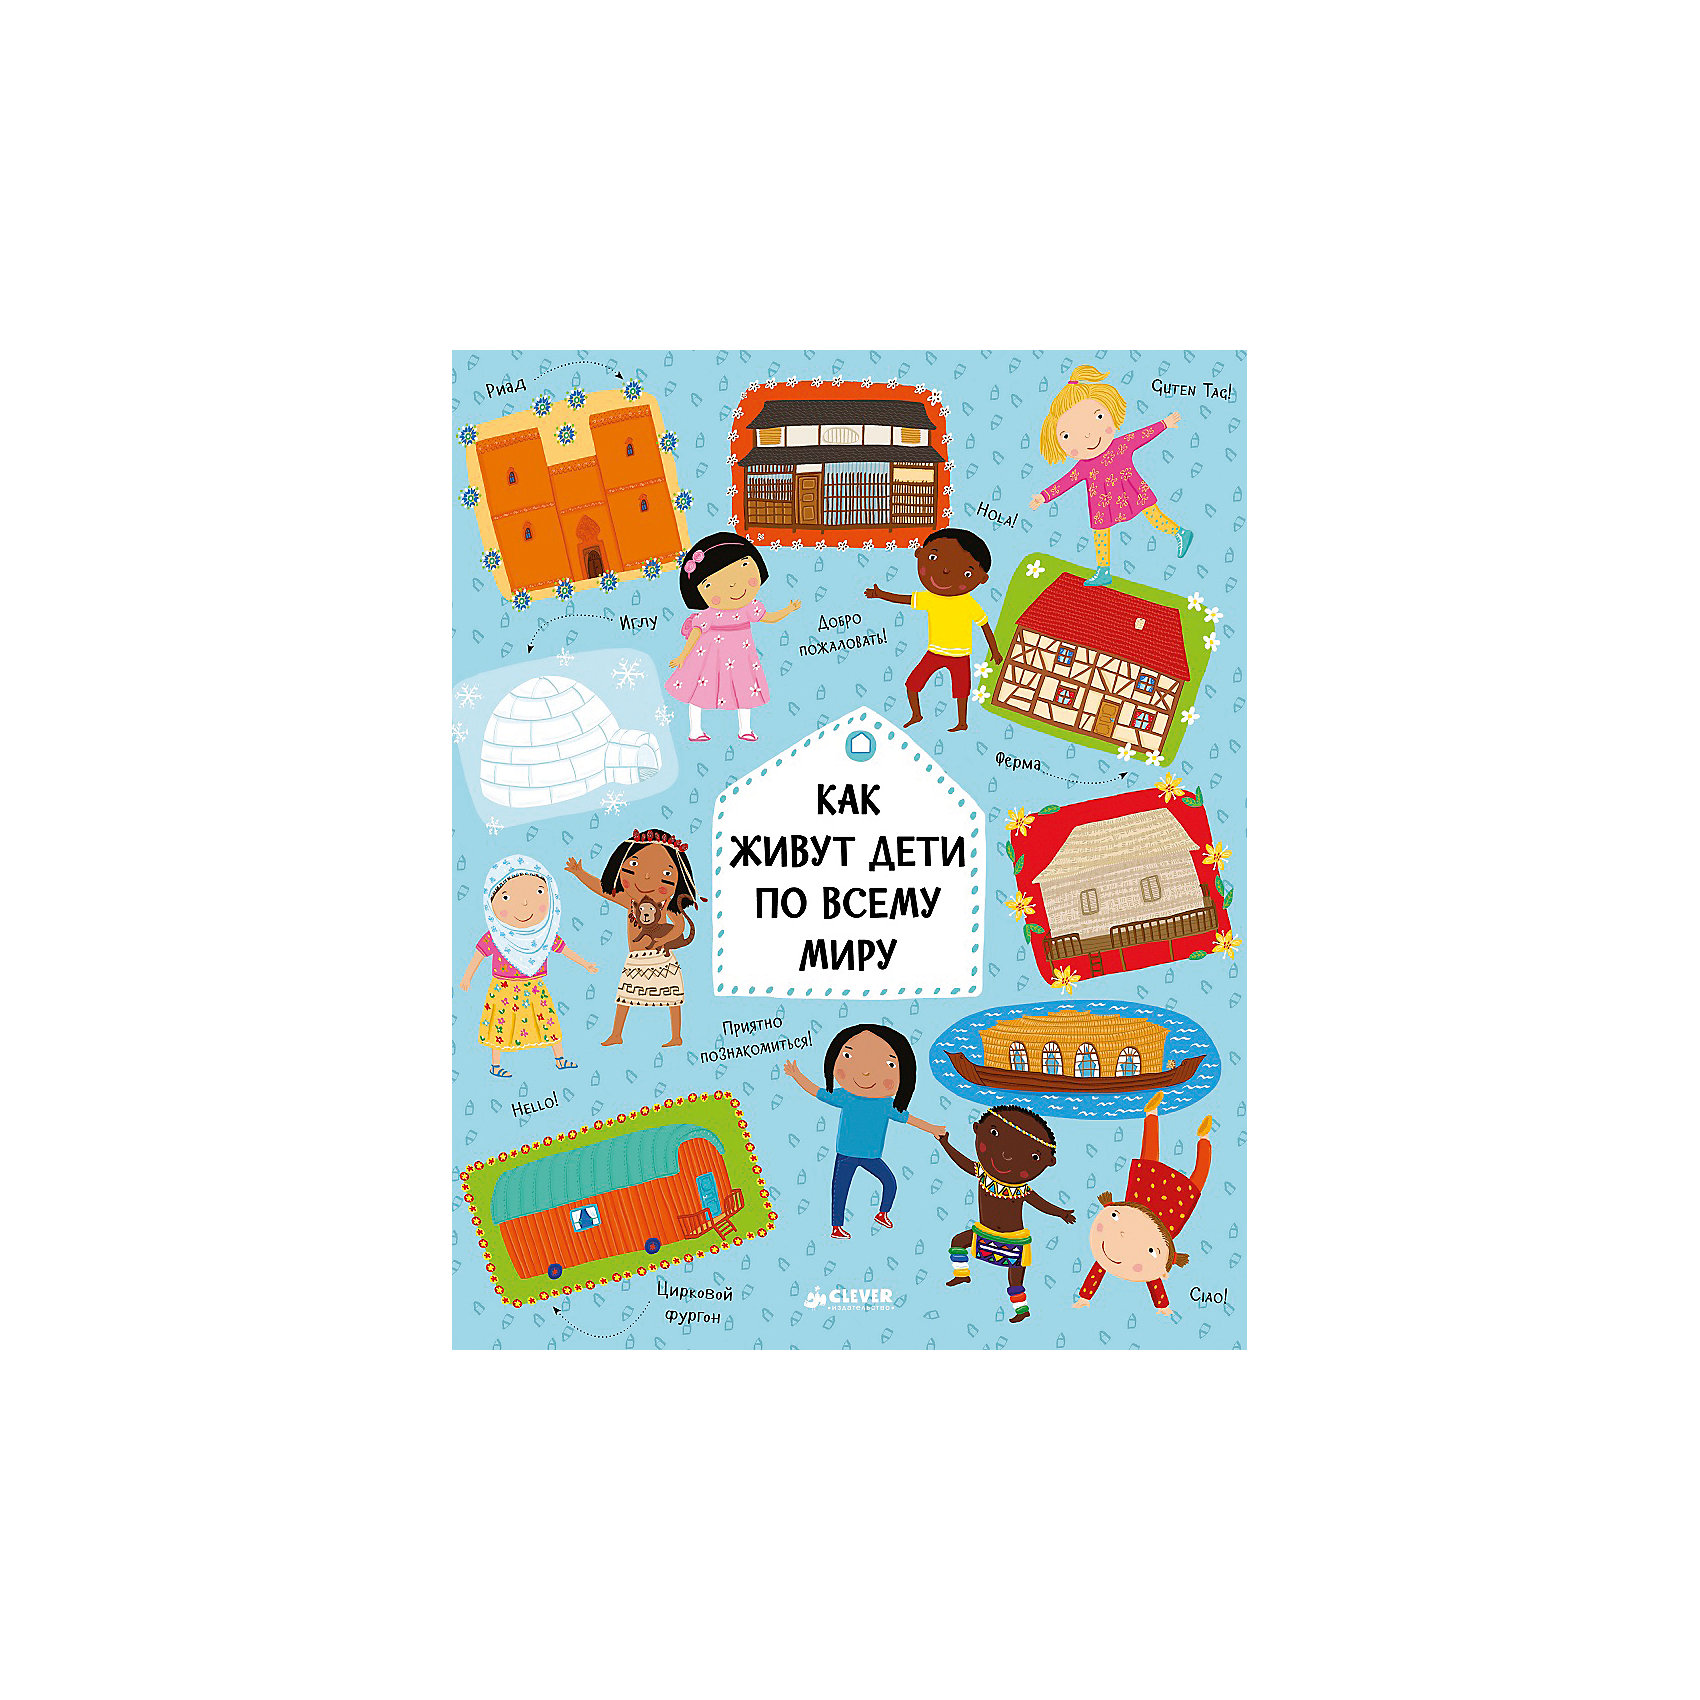 Как живут дети по всему миру, Х. Хараштова, П. ХаначковаКак живут дети по всему миру, Х. Хараштова, П. Ханачкова<br><br>Характеристики:<br><br>- Издательство: Клевер-Медиа-Групп.<br>- Серия: «Удивительные энциклопедии».<br>- Размеры упаковки: 280х215х10мм.<br>- Цветная печать.<br>- Вес: 428г<br><br>Видел ли ты когда-нибудь, как живут бедуины в пустыне? Знаешь ли, что такое марокканский риад или монгольская юрта? Представляешь, какие виды открываются с последнего этажа небоскреба? Пятнадцать ребят из разных уголков мира приглашают тебя в гости к себе домой. В пустыне и джунглях, в скалах и на воде - самые интересные и необычные жилища распахнут для тебя свои двери на страницах этой замечательной книги.<br><br>Как живут дети по всему миру, Х. Хараштова, П. Ханачкова, можно купить в нашем интернет – магазине.<br><br>Ширина мм: 280<br>Глубина мм: 215<br>Высота мм: 10<br>Вес г: 428<br>Возраст от месяцев: 84<br>Возраст до месяцев: 132<br>Пол: Унисекс<br>Возраст: Детский<br>SKU: 5377871